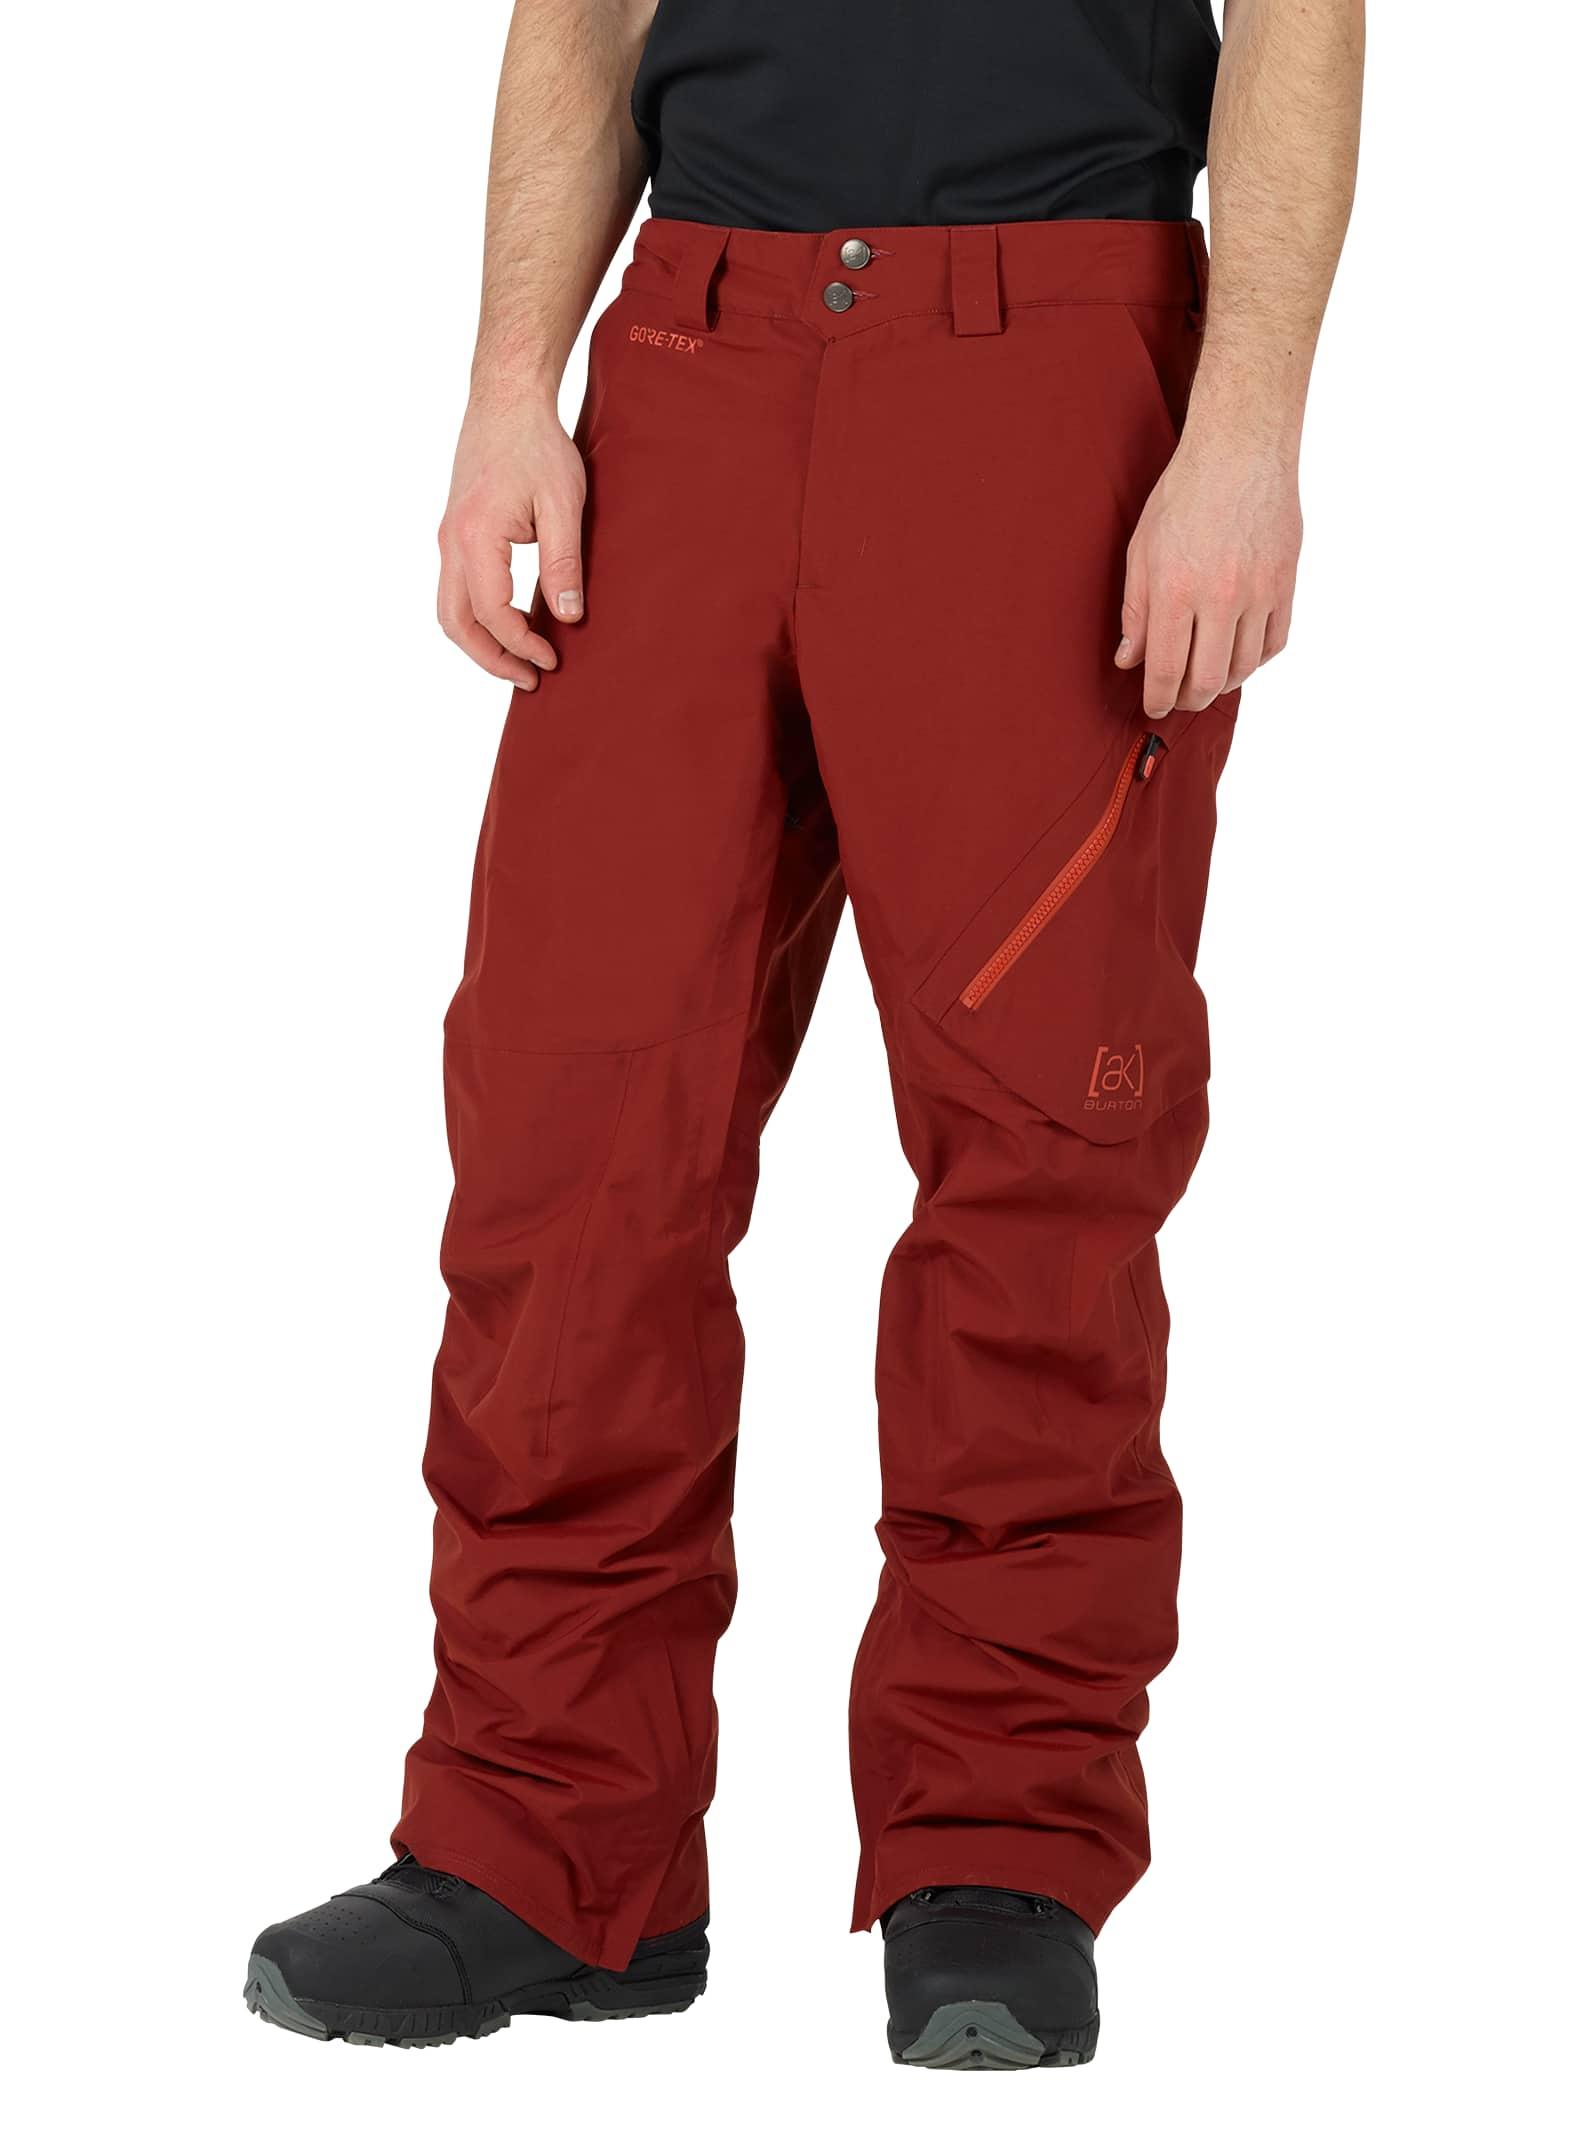 Rote hose xl